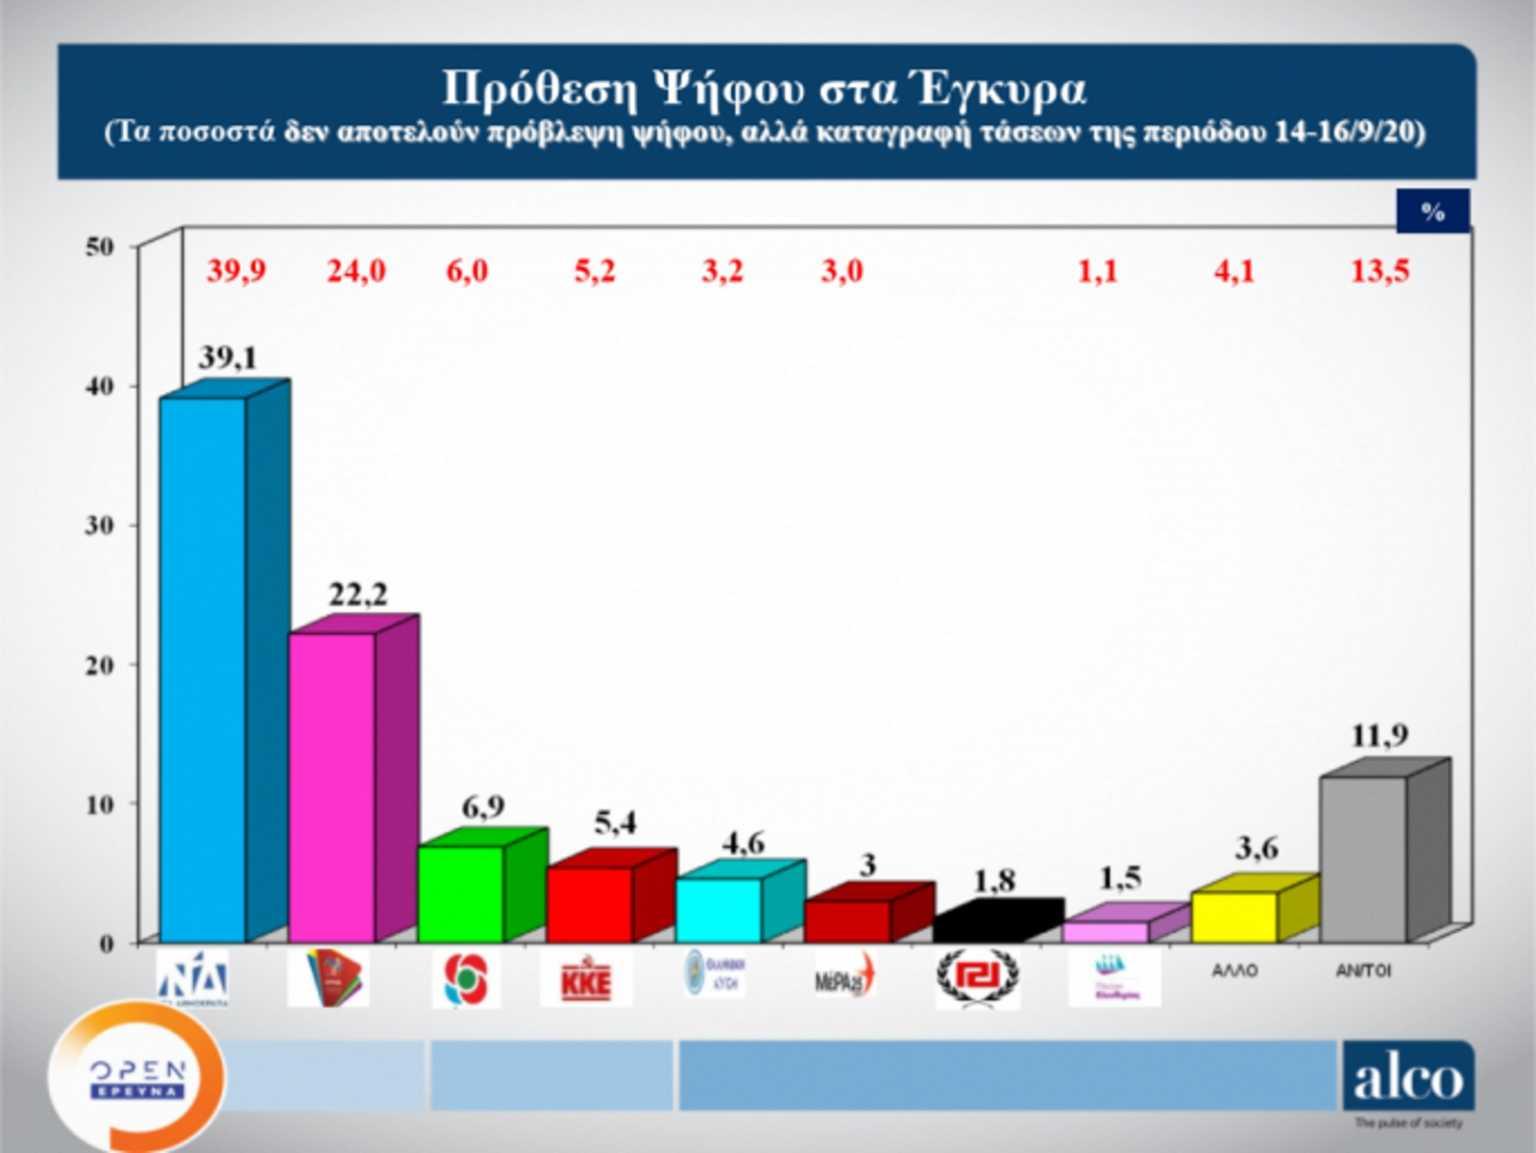 Δημοσκόπηση: Προβάδισμα 16,9 μονάδων για ΝΔ έναντι ΣΥΡΙΖΑ – Τι προβληματίζει τους πολίτες